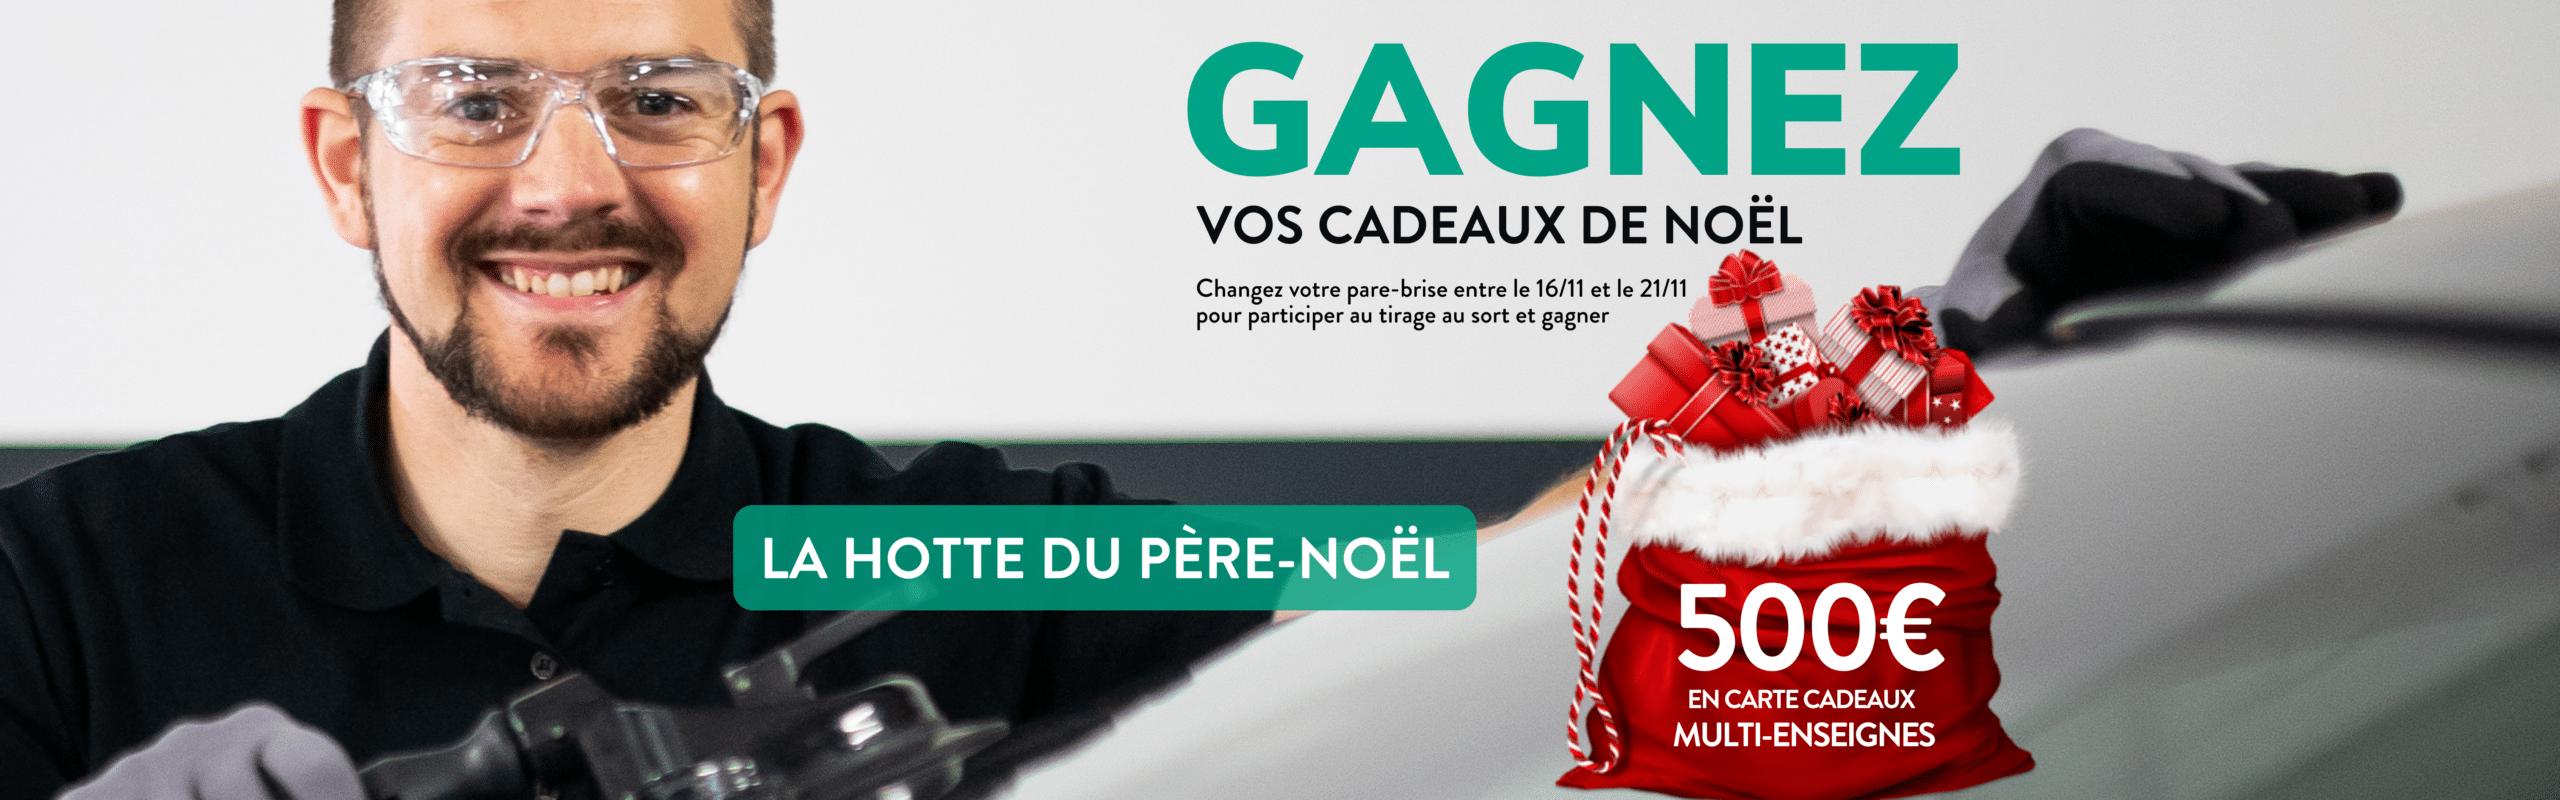 Tentez de gagner 500 € en carte cadeau Illicado en remplaçant votre pare-brise !